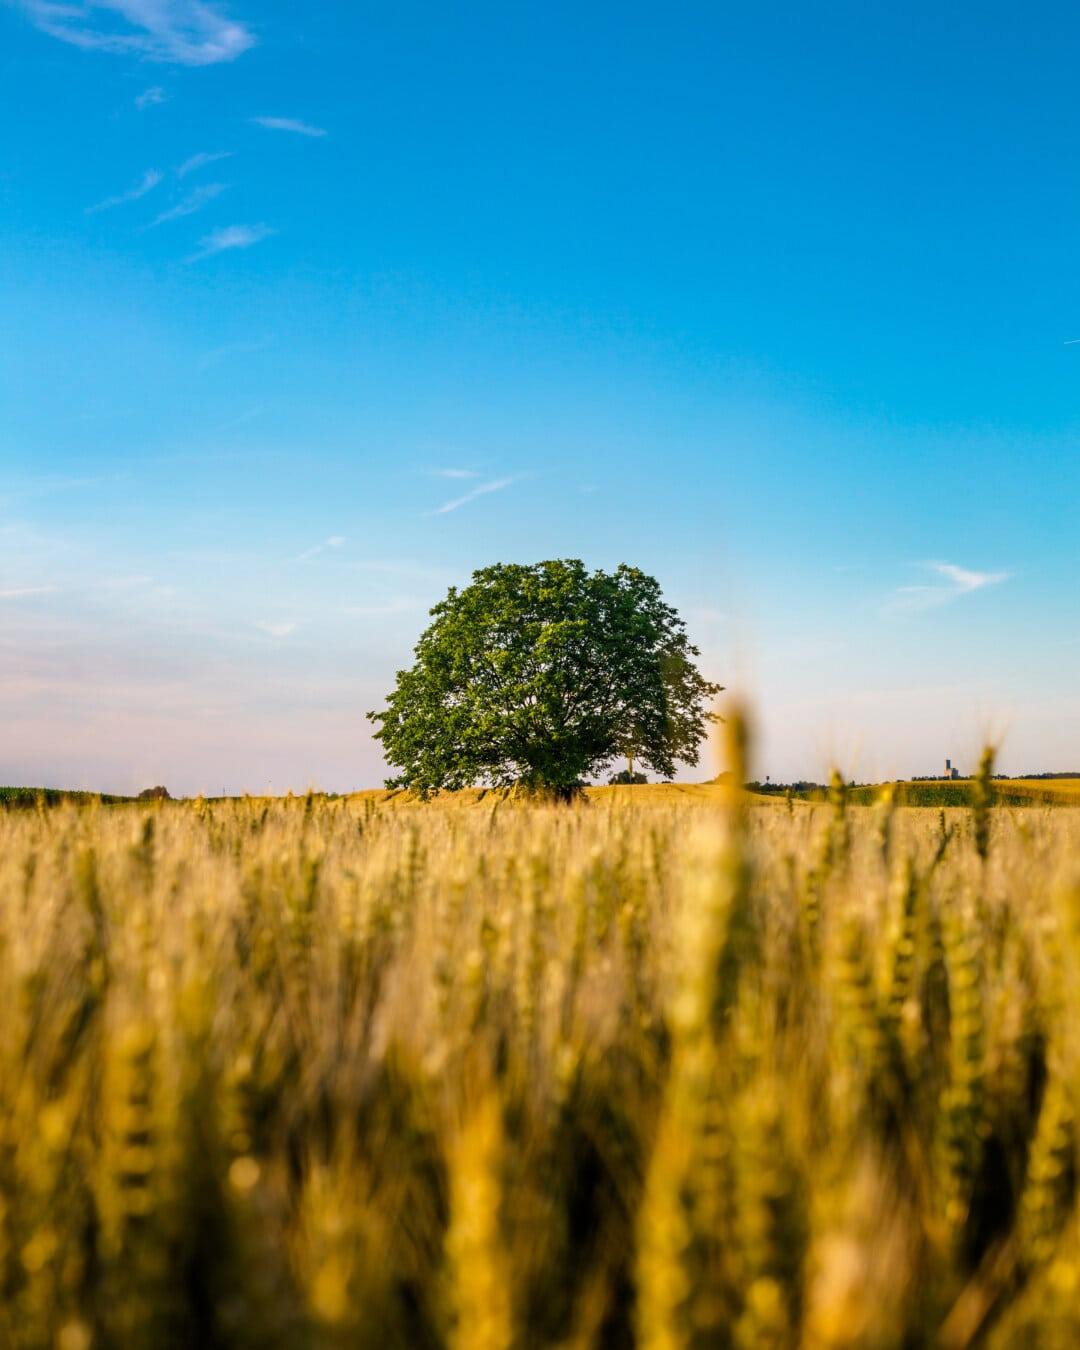 arbre, l'été, champ de blé, majestueux, paysage, paille, lueur dorée, rural, blé, domaine